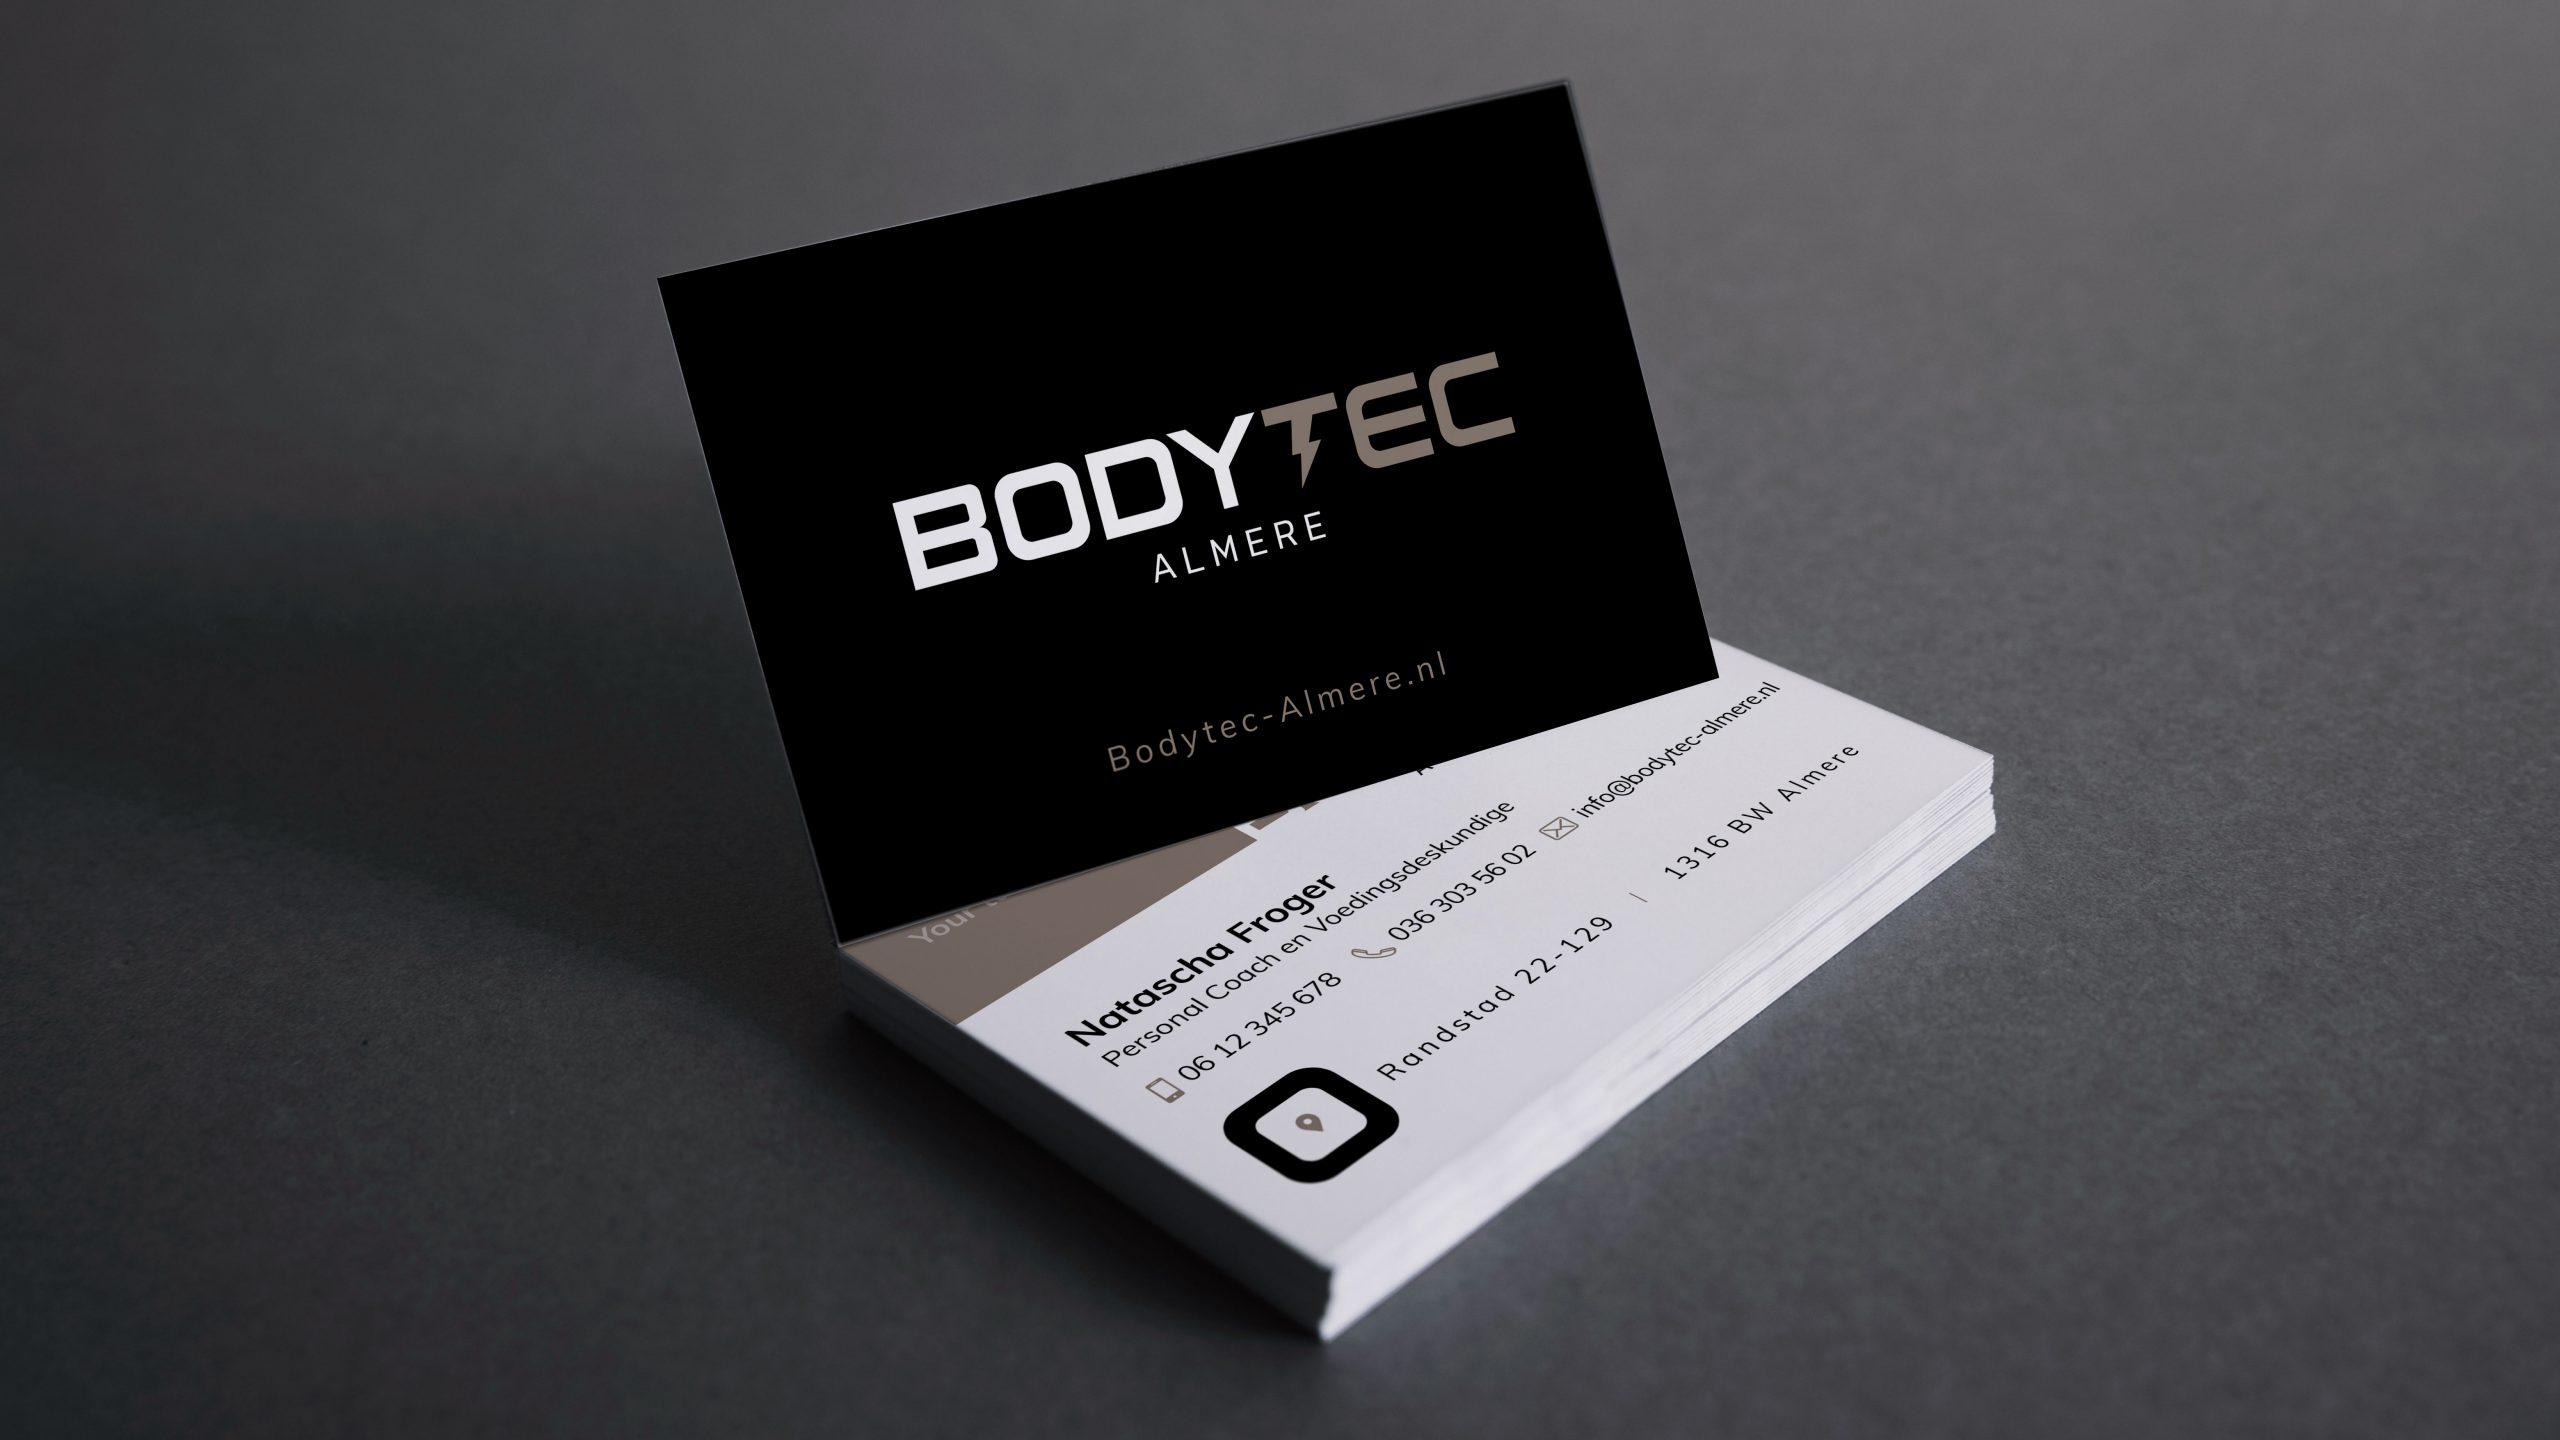 bodytec almere visitekaartje